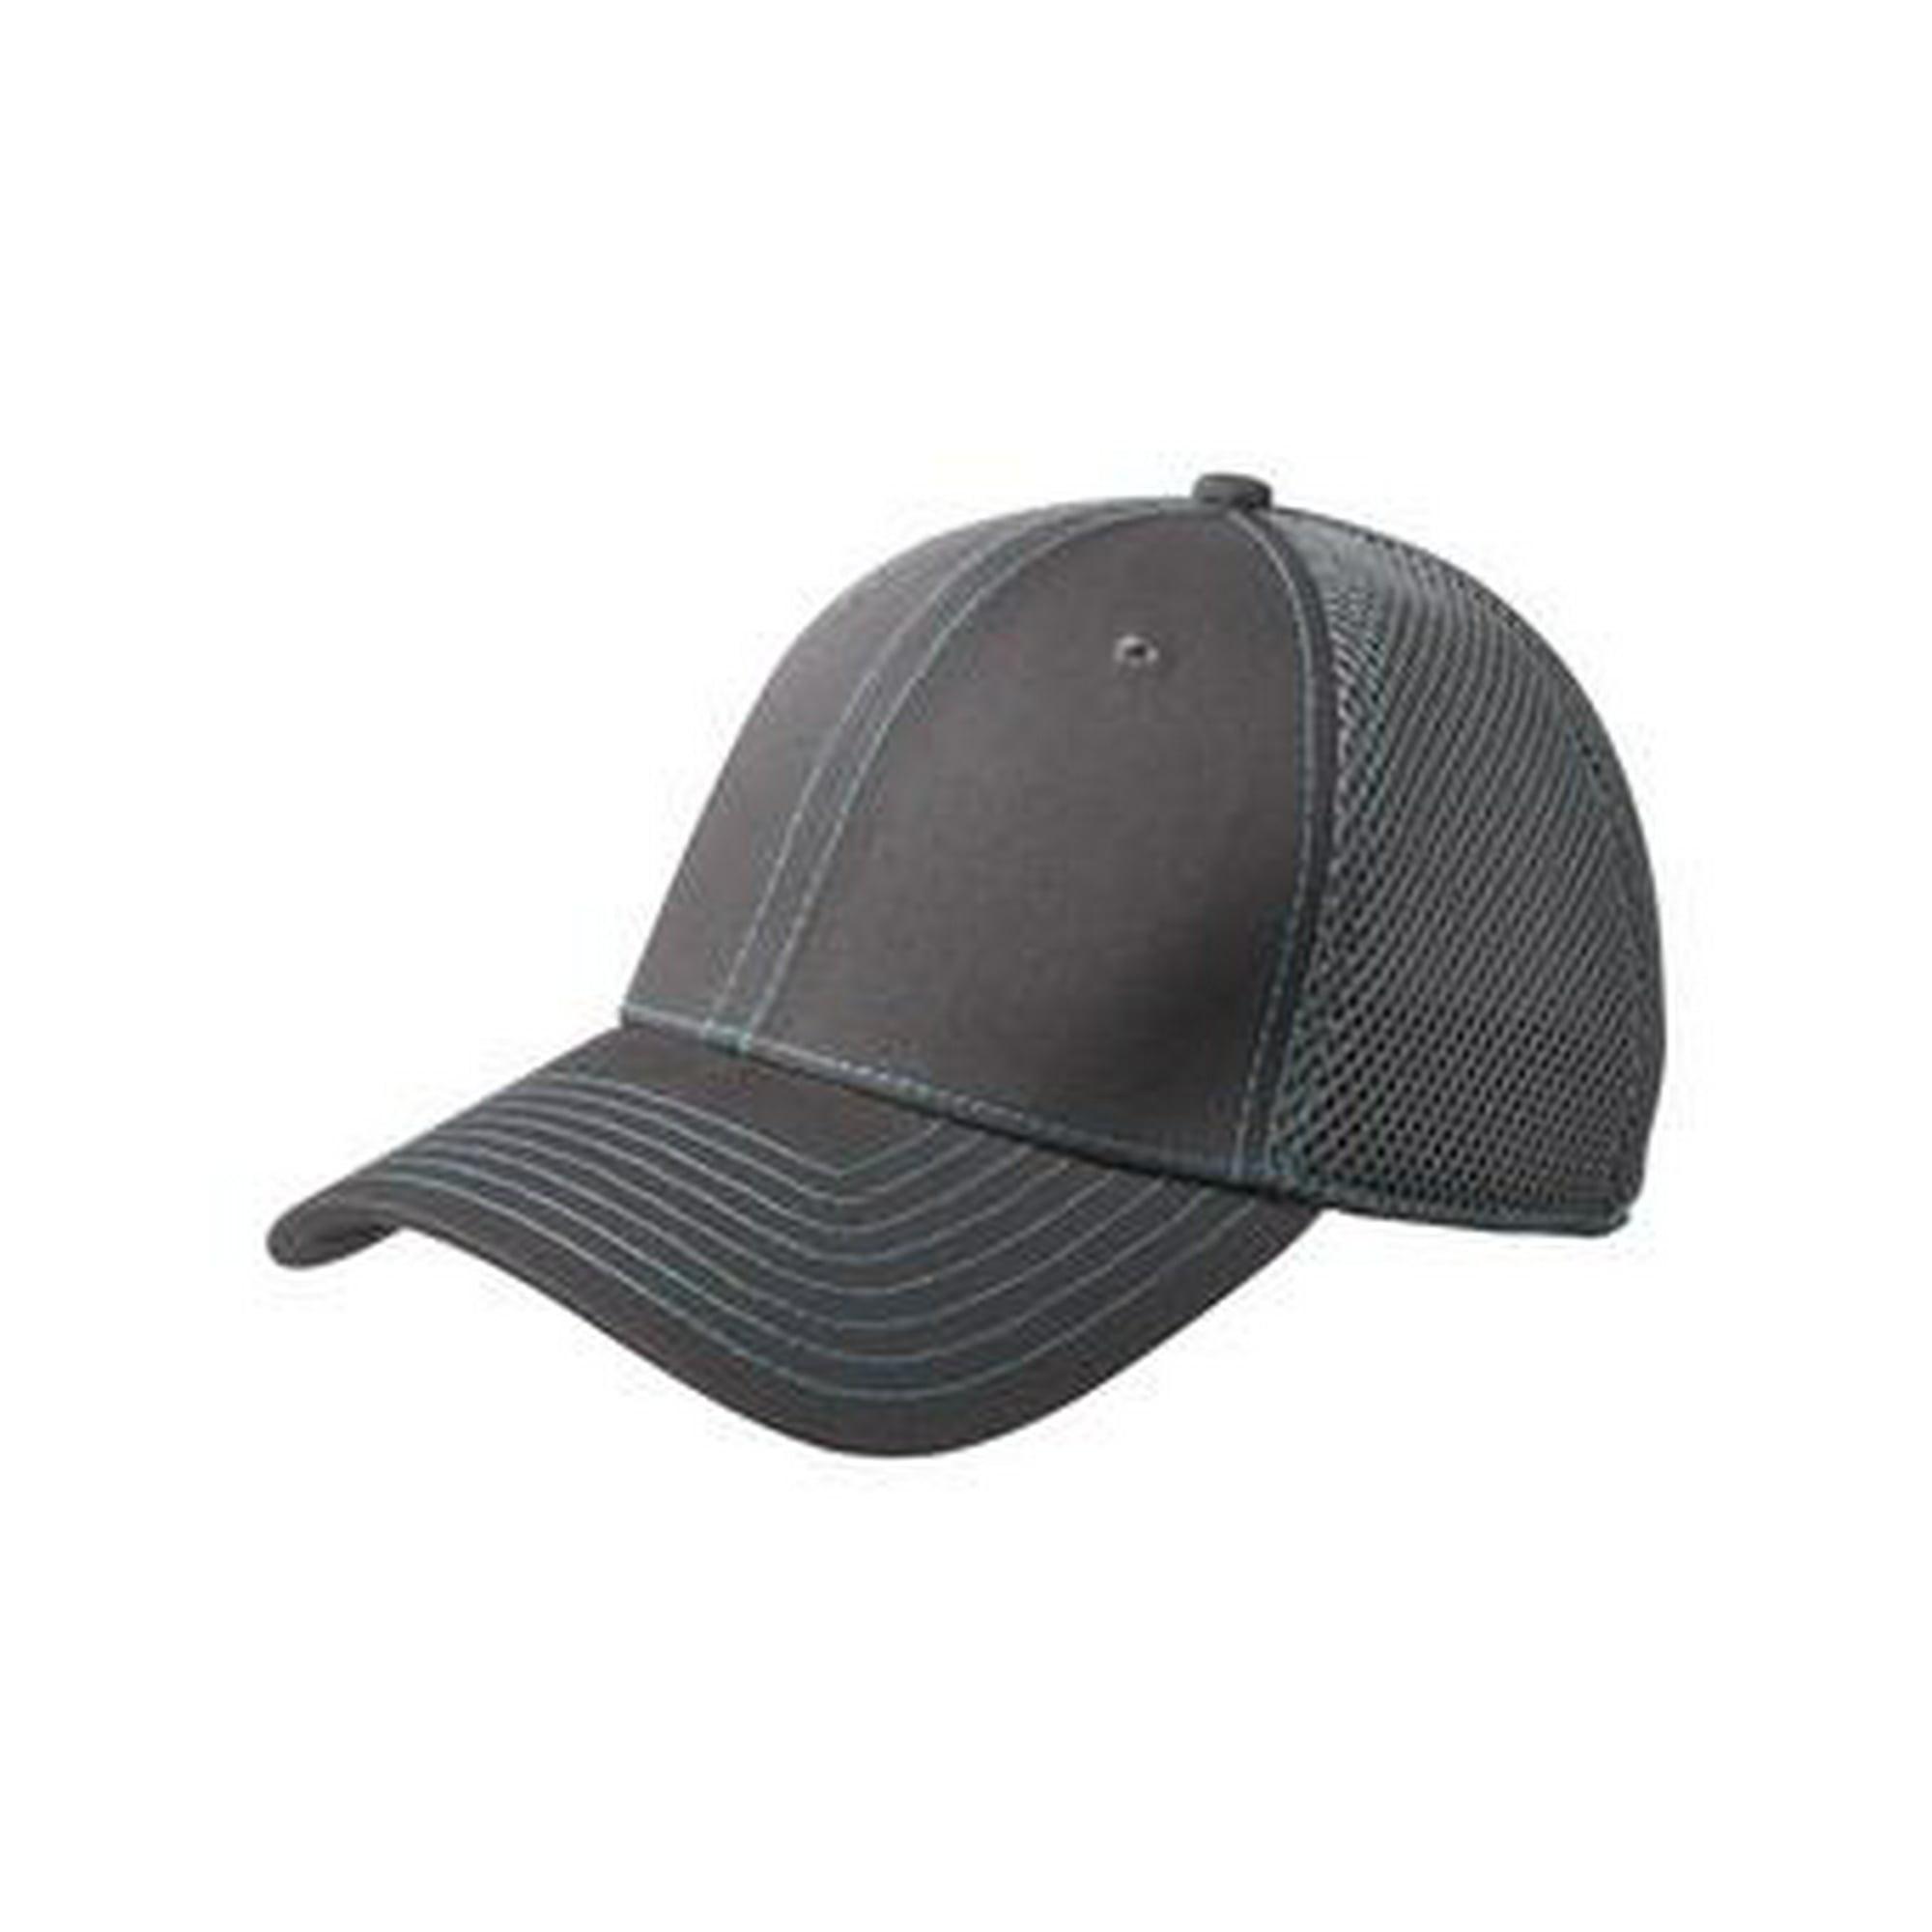 16a342bef3835 NEW ERA® STRETCH MESH CONTRAST STITCH CAP